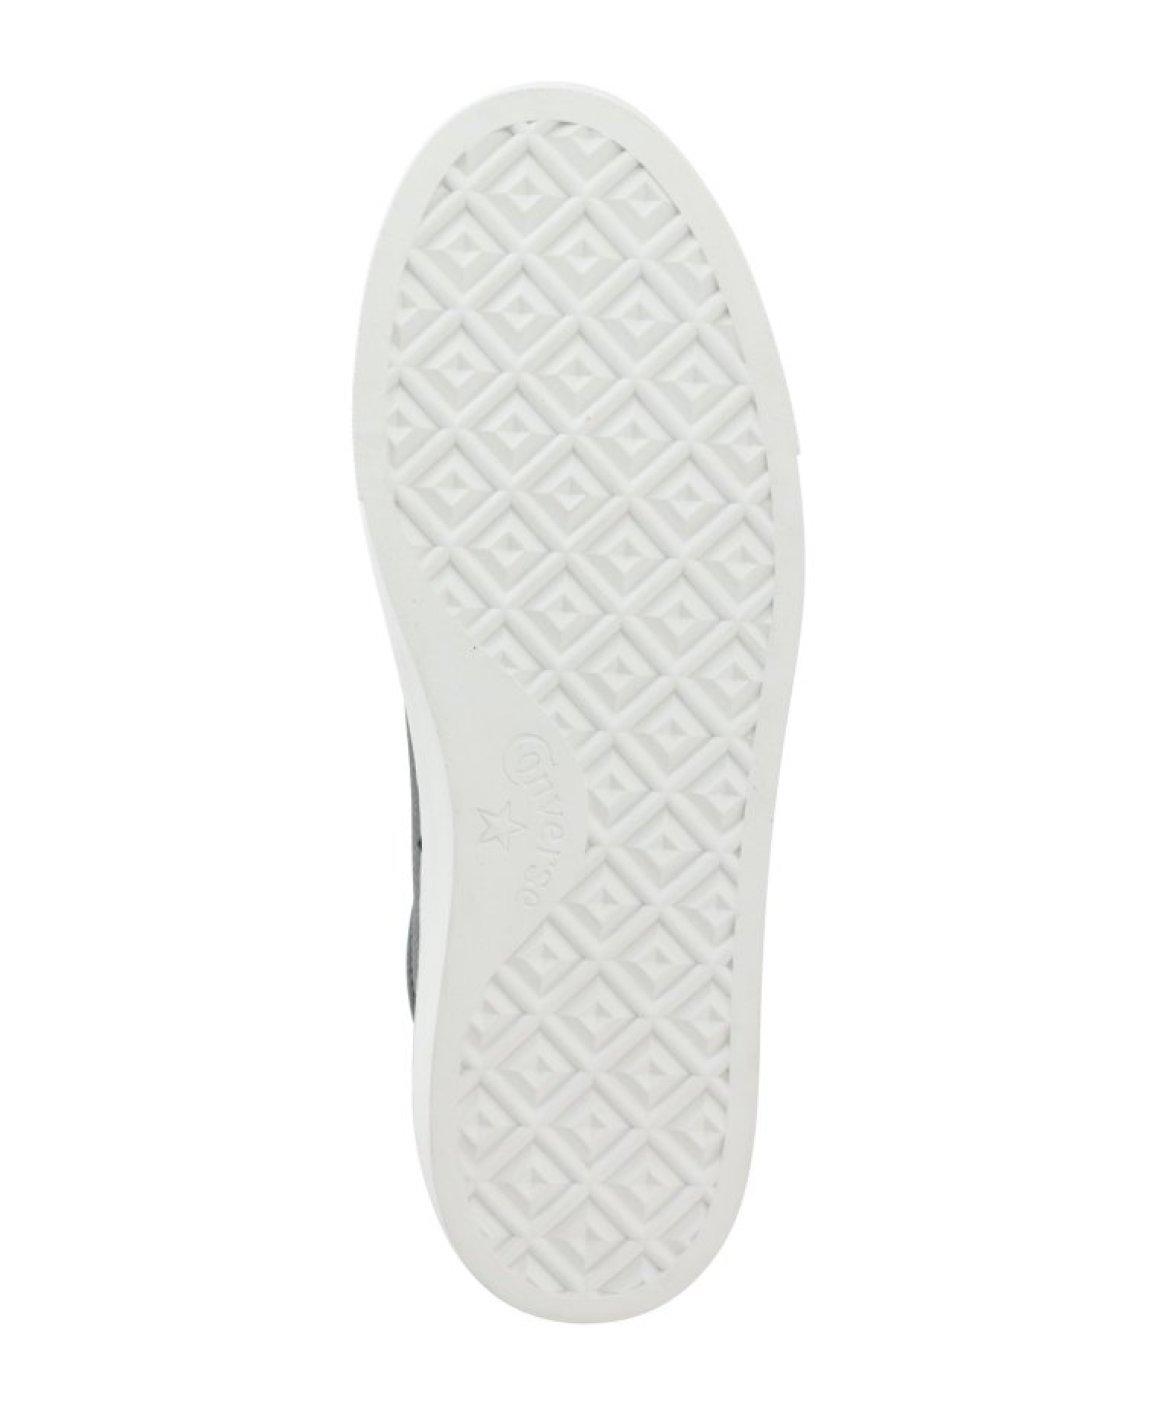 アダム エ ロペ × コンバース レザー オールスター クップ (ウィメンズ) adam-et-rope-converse-leather-all-star-coupe-ox-EUA71000-sole